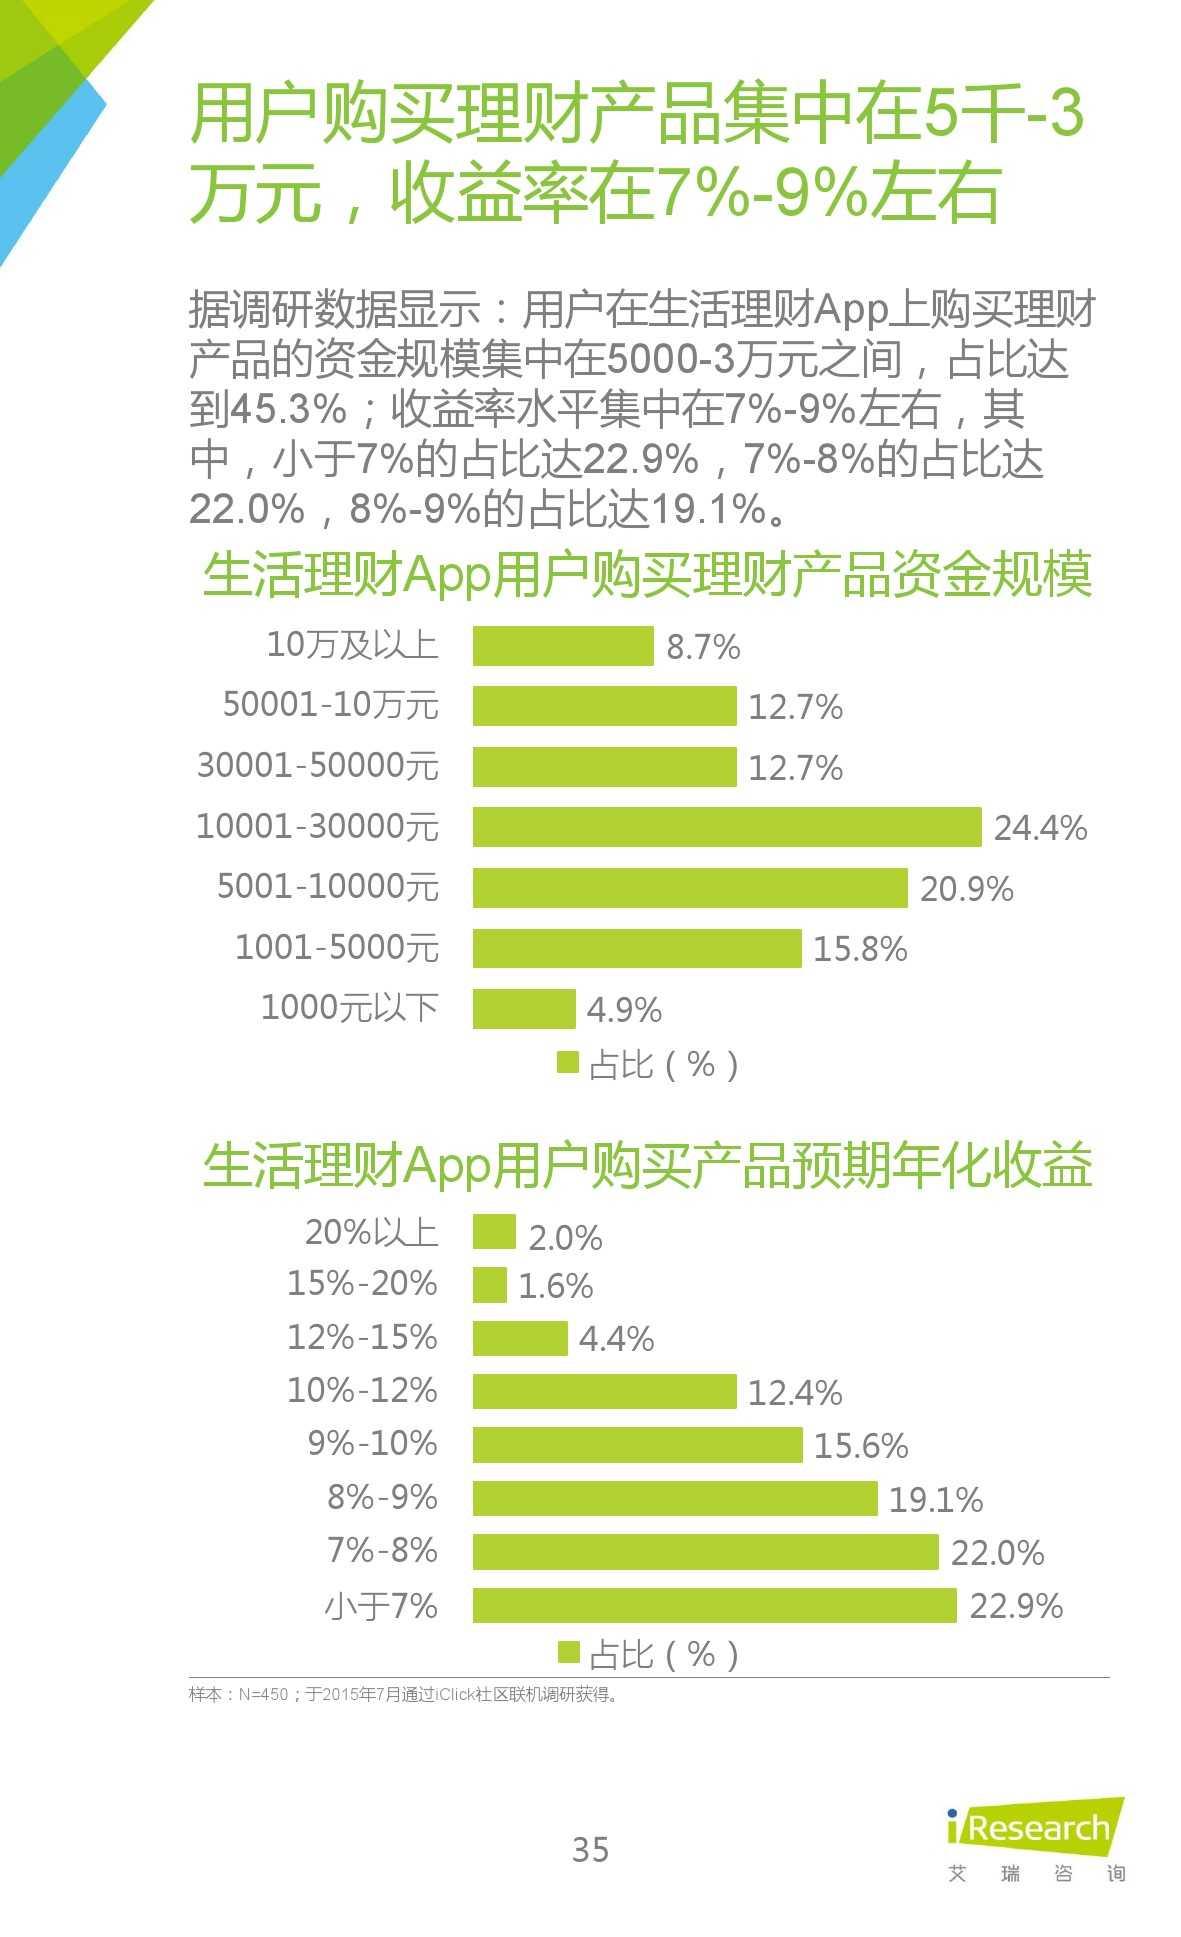 2015年中国生活理财移动App行业研究报告_000035